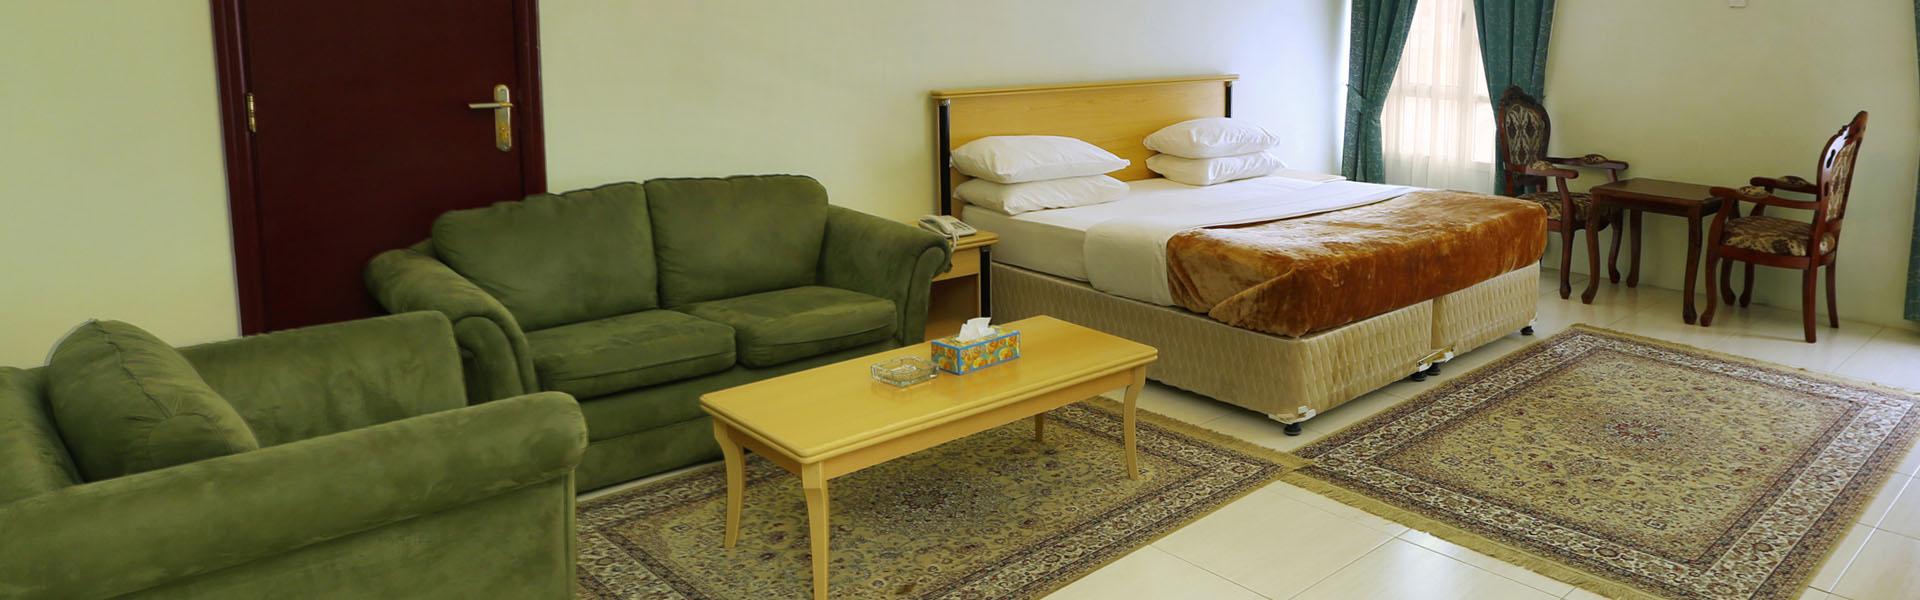 Nile Hotel 1